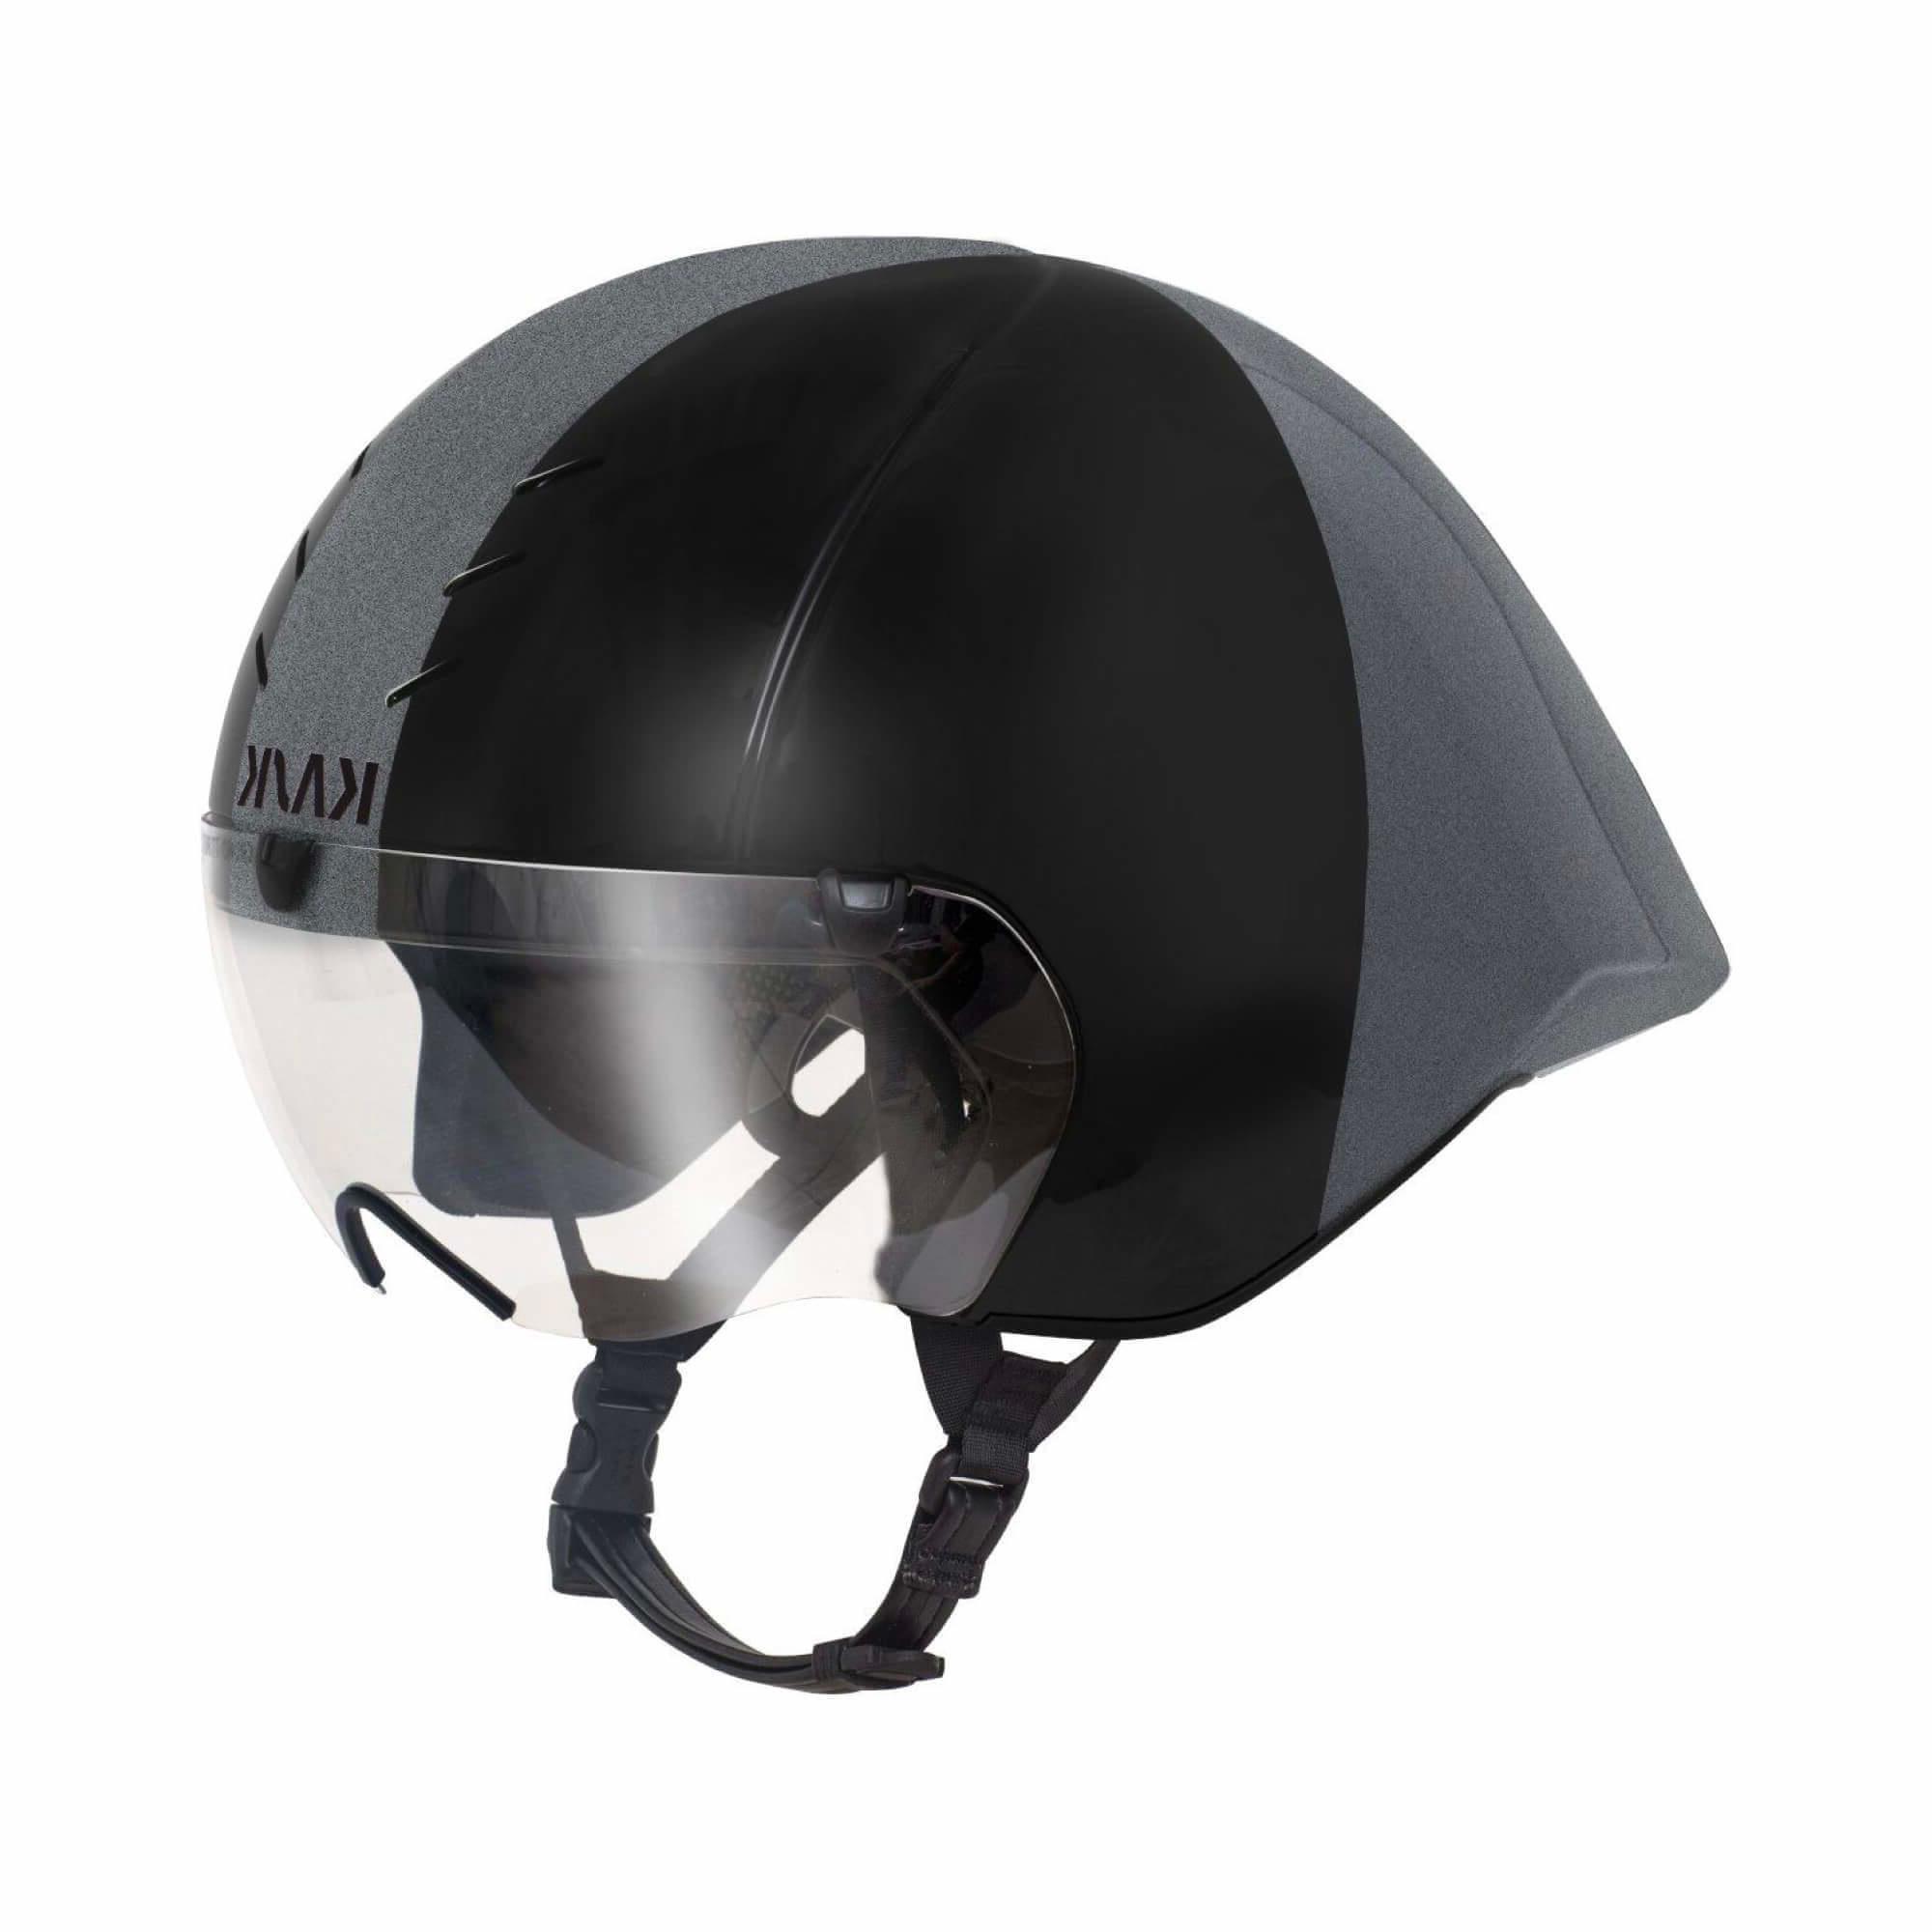 Mistral Black/Anthracite 62 L-1